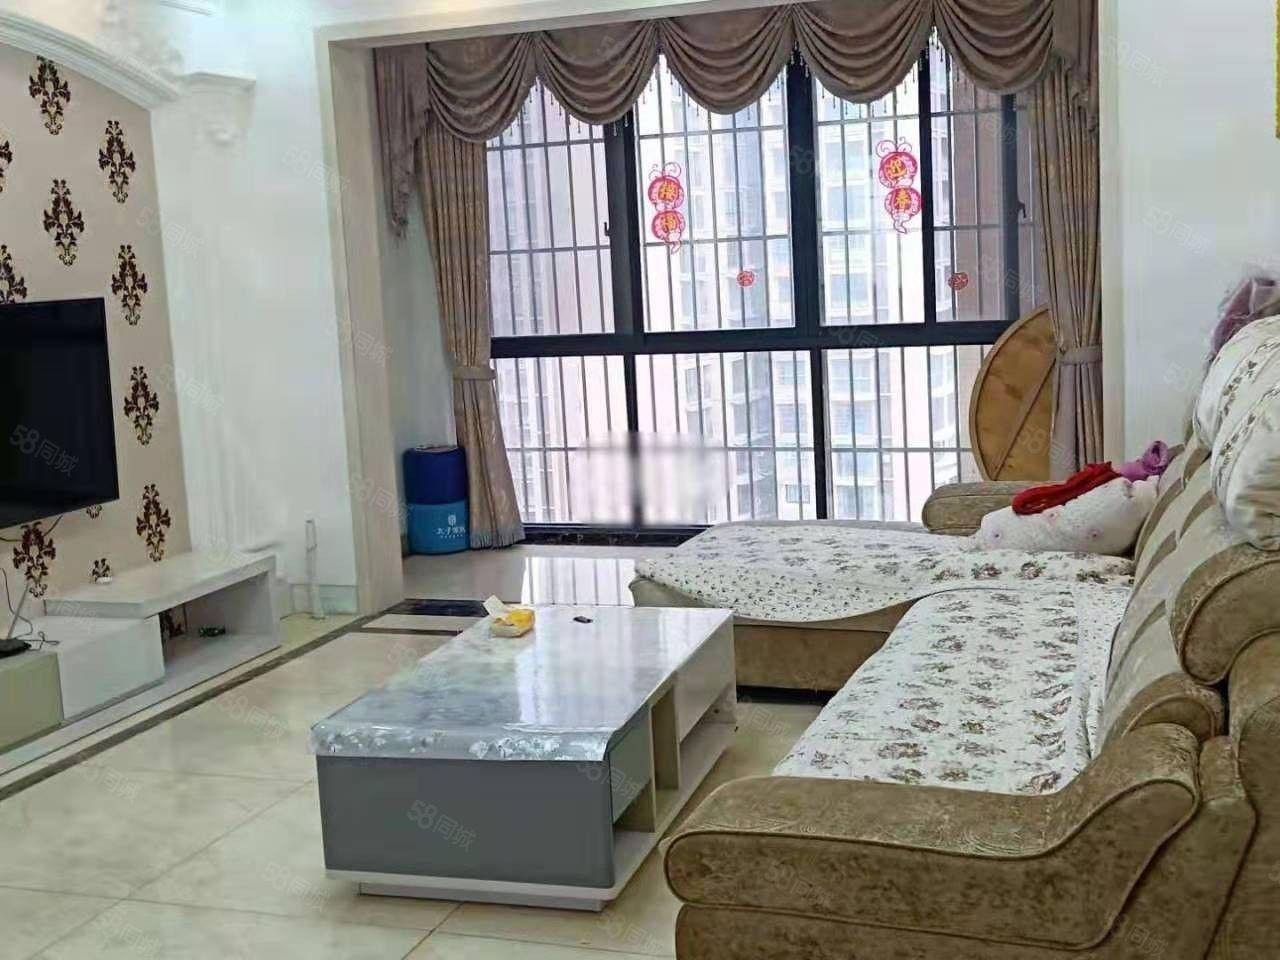 滨江路国滨首府高档花园小区全新精装3室拎包入住环境好